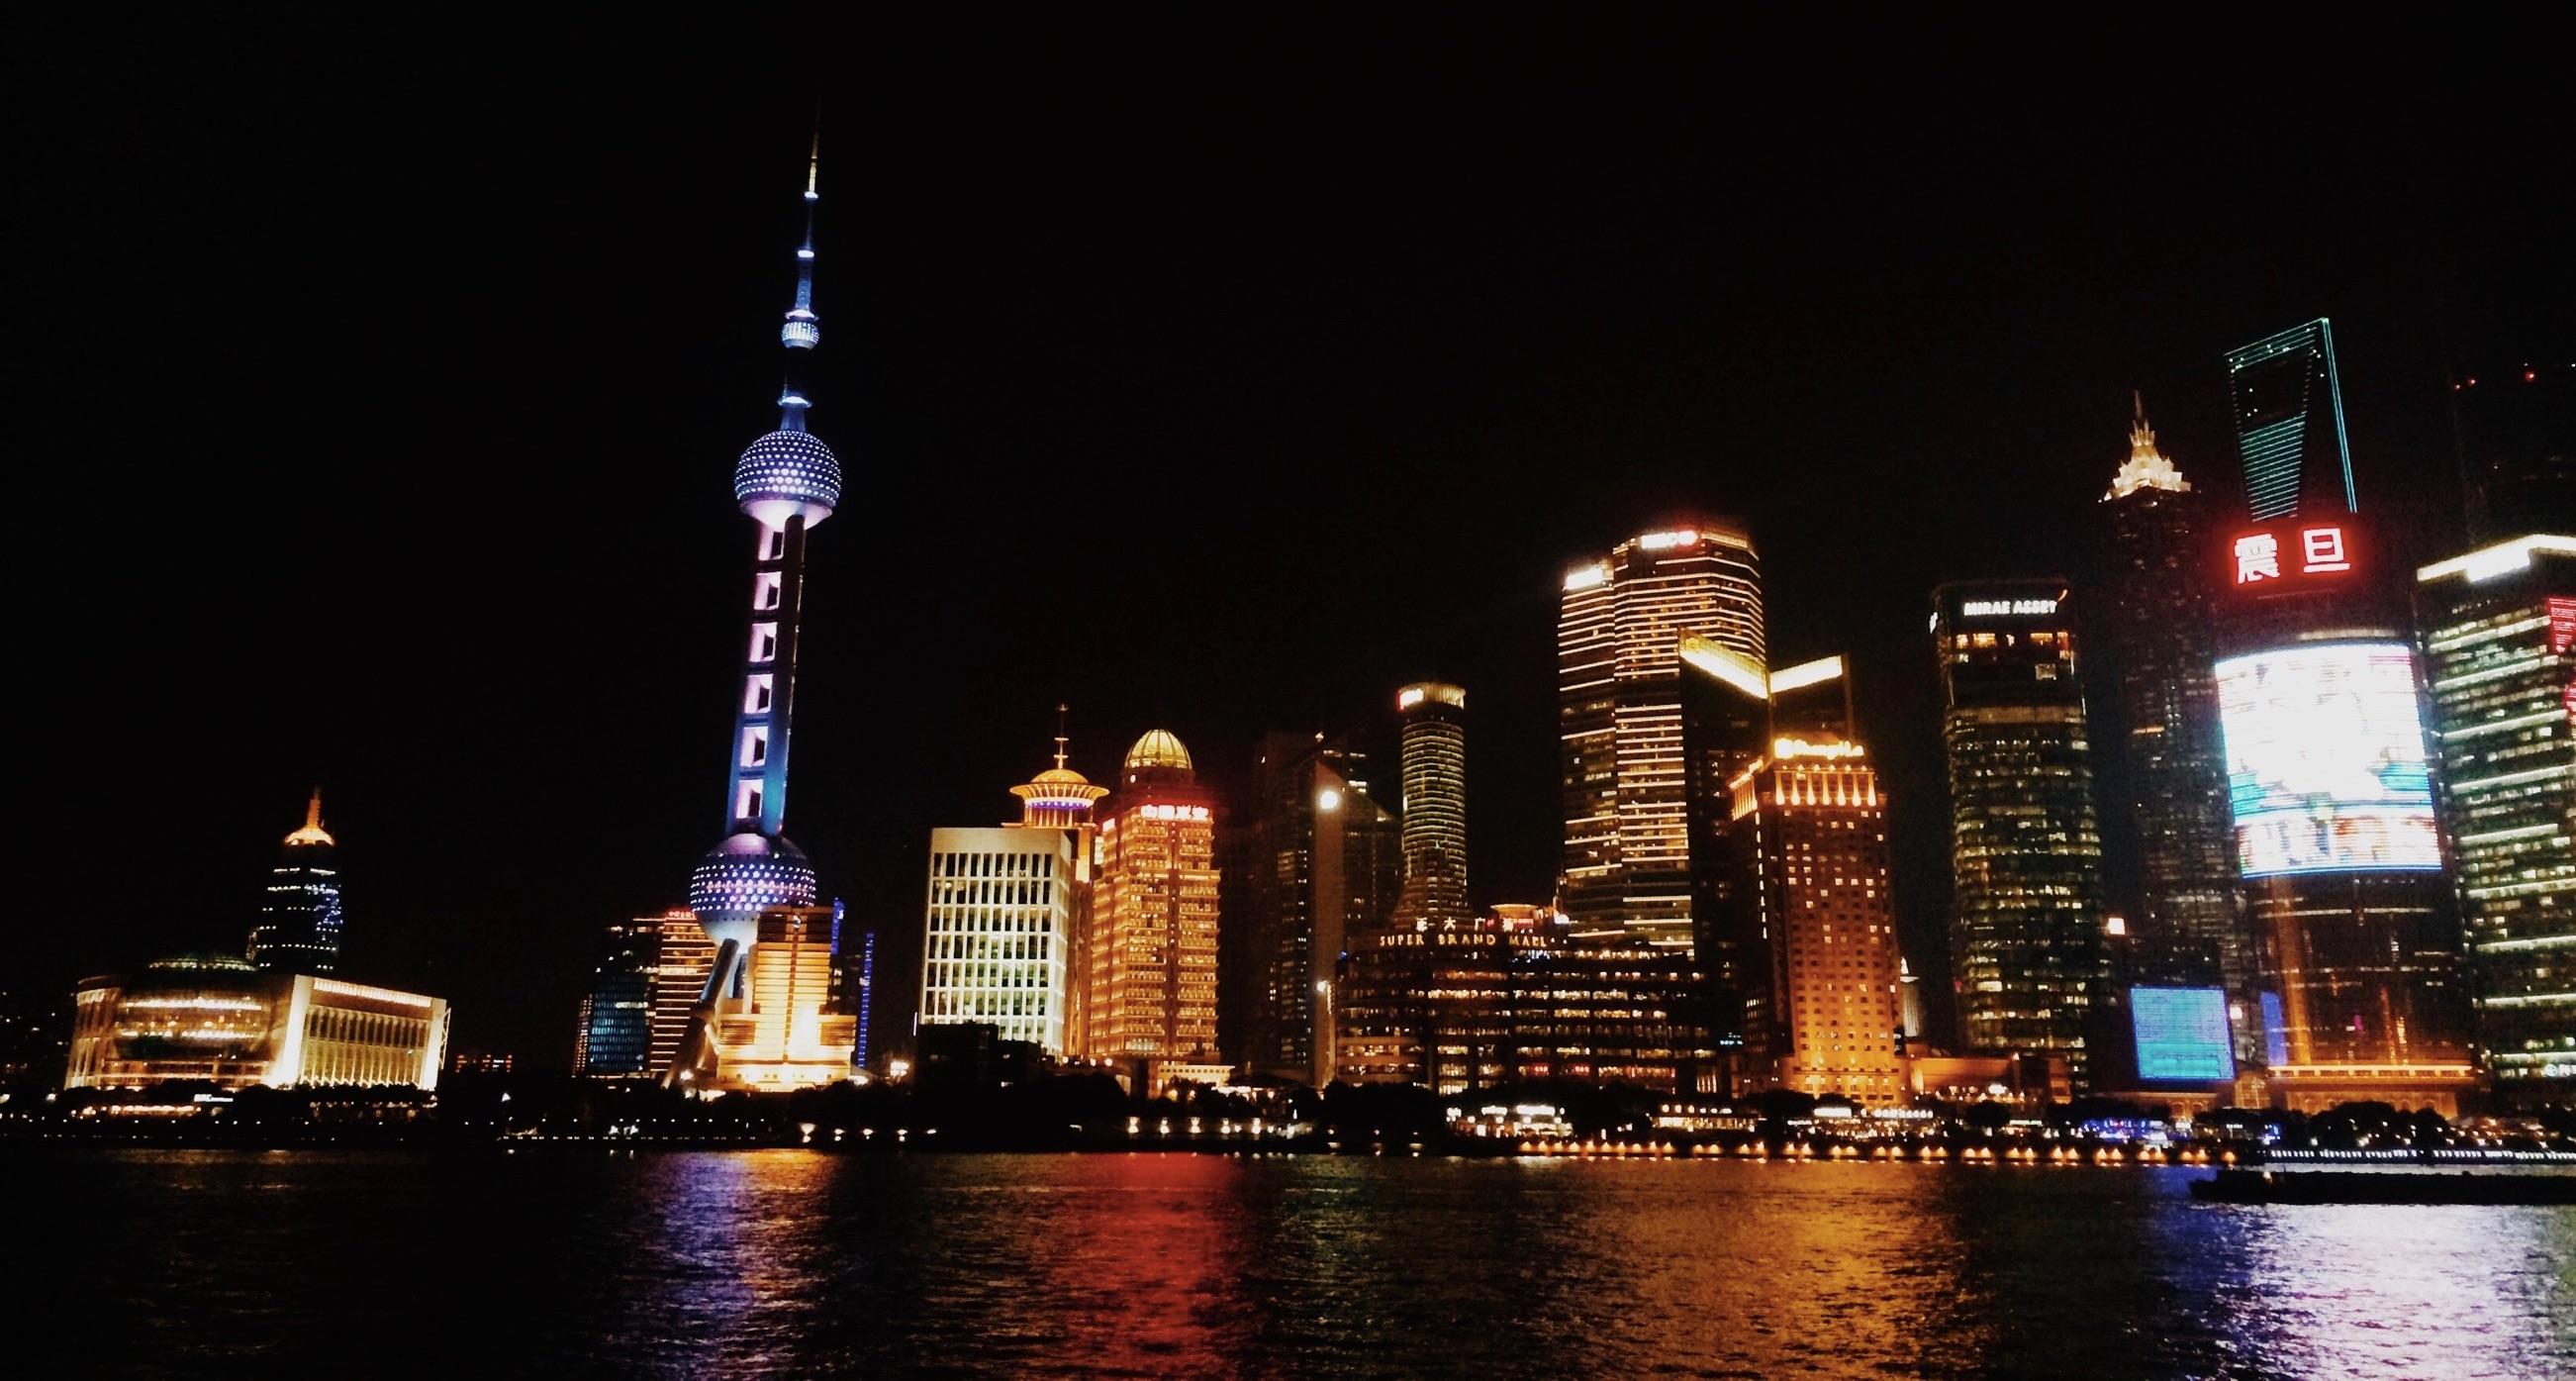 Shanghai Huangpu River Cruise Tour